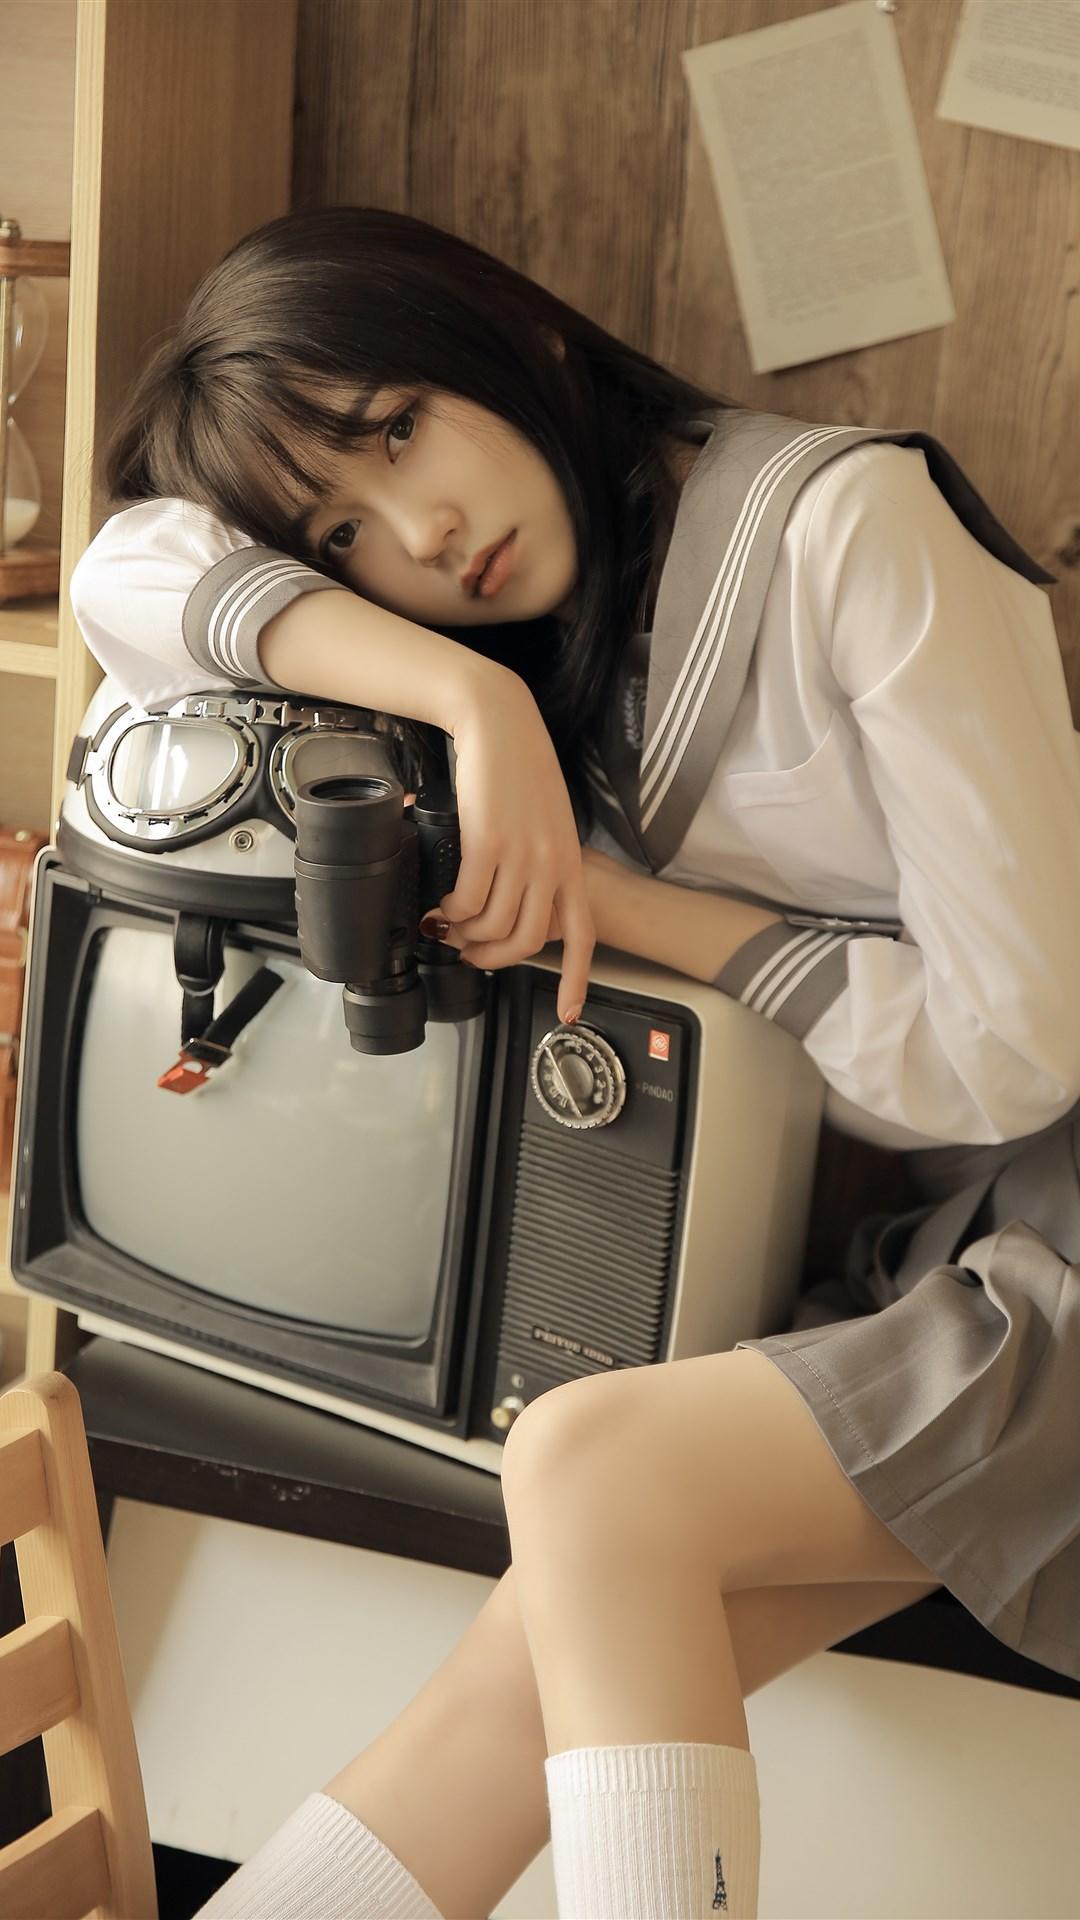 大眼睛美女齐刘海发型皮肤白皙图片